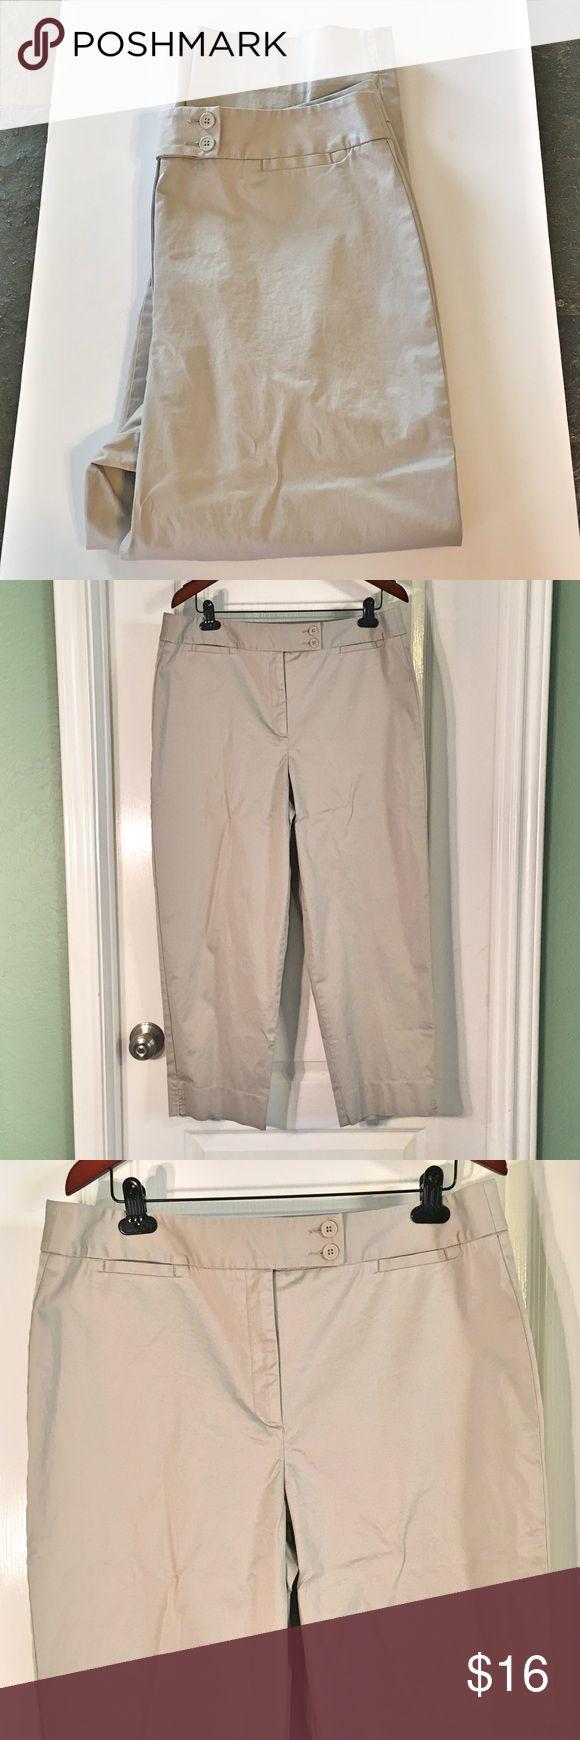 """Plus Size Talbots Khaki Capris Plus Size Talbots Khaki Capris ~ Size 16 Stretch ~ 95% Cotton & 5% Spandex ~ Waist is approximately 19"""" ~ Inseam is approximately 26"""" Talbots Pants Capris"""